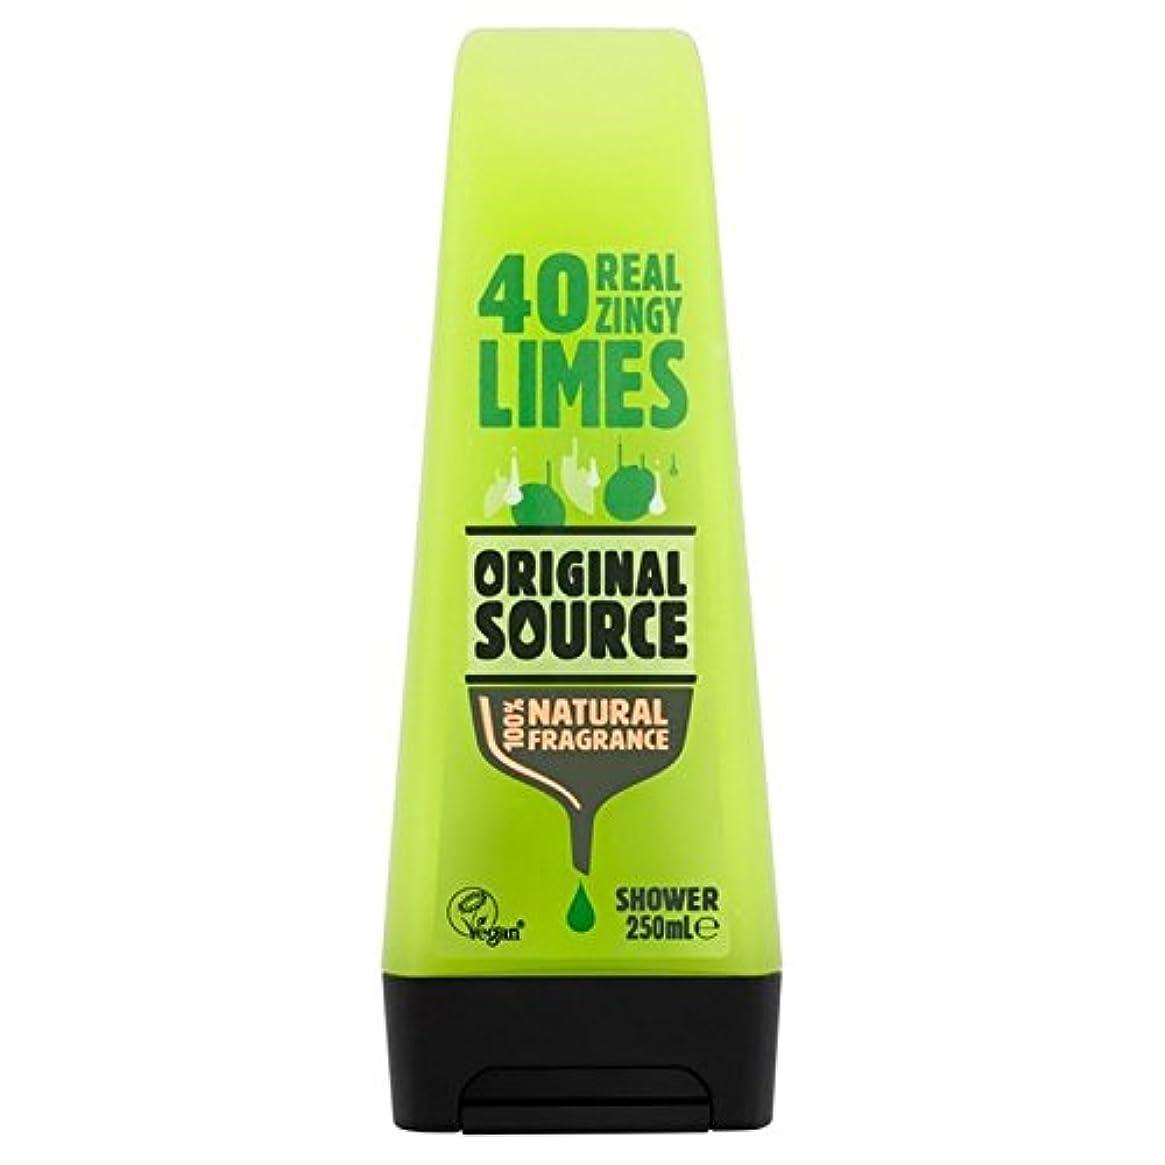 レンダーピークシステム元のソースライムシャワージェル250ミリリットル x2 - Original Source Lime Shower Gel 250ml (Pack of 2) [並行輸入品]